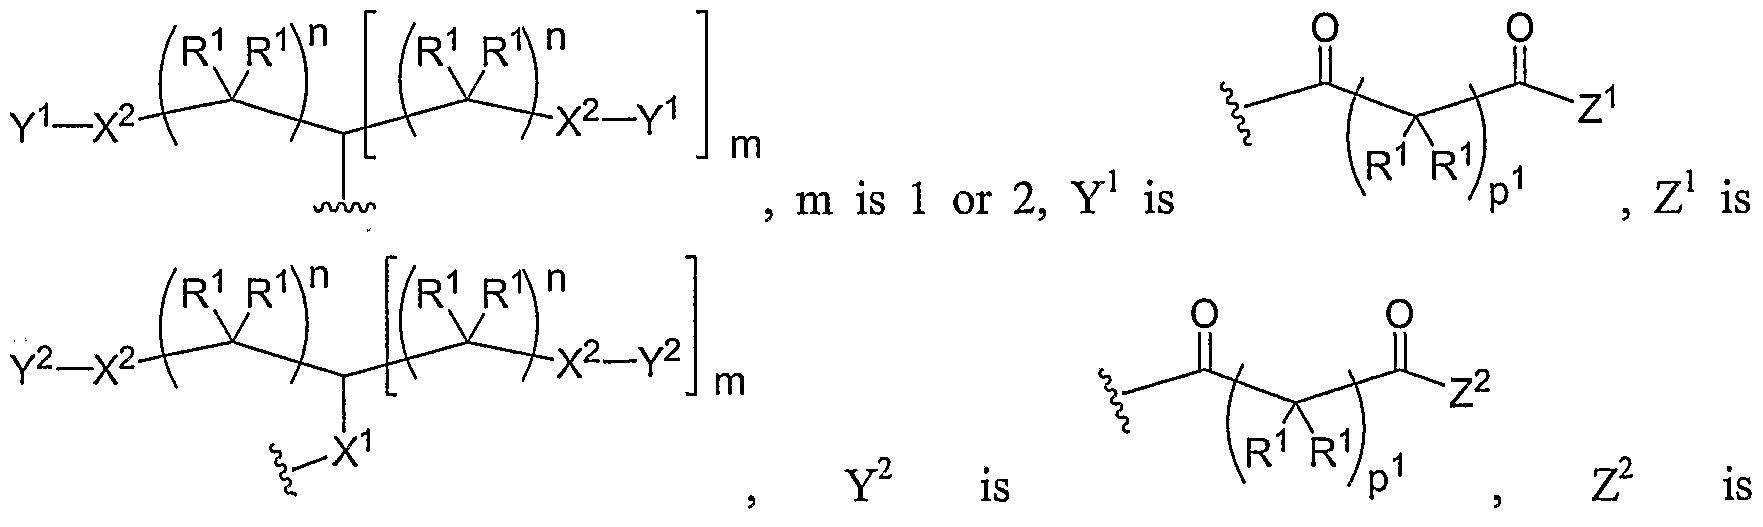 Figure imgf000313_0005